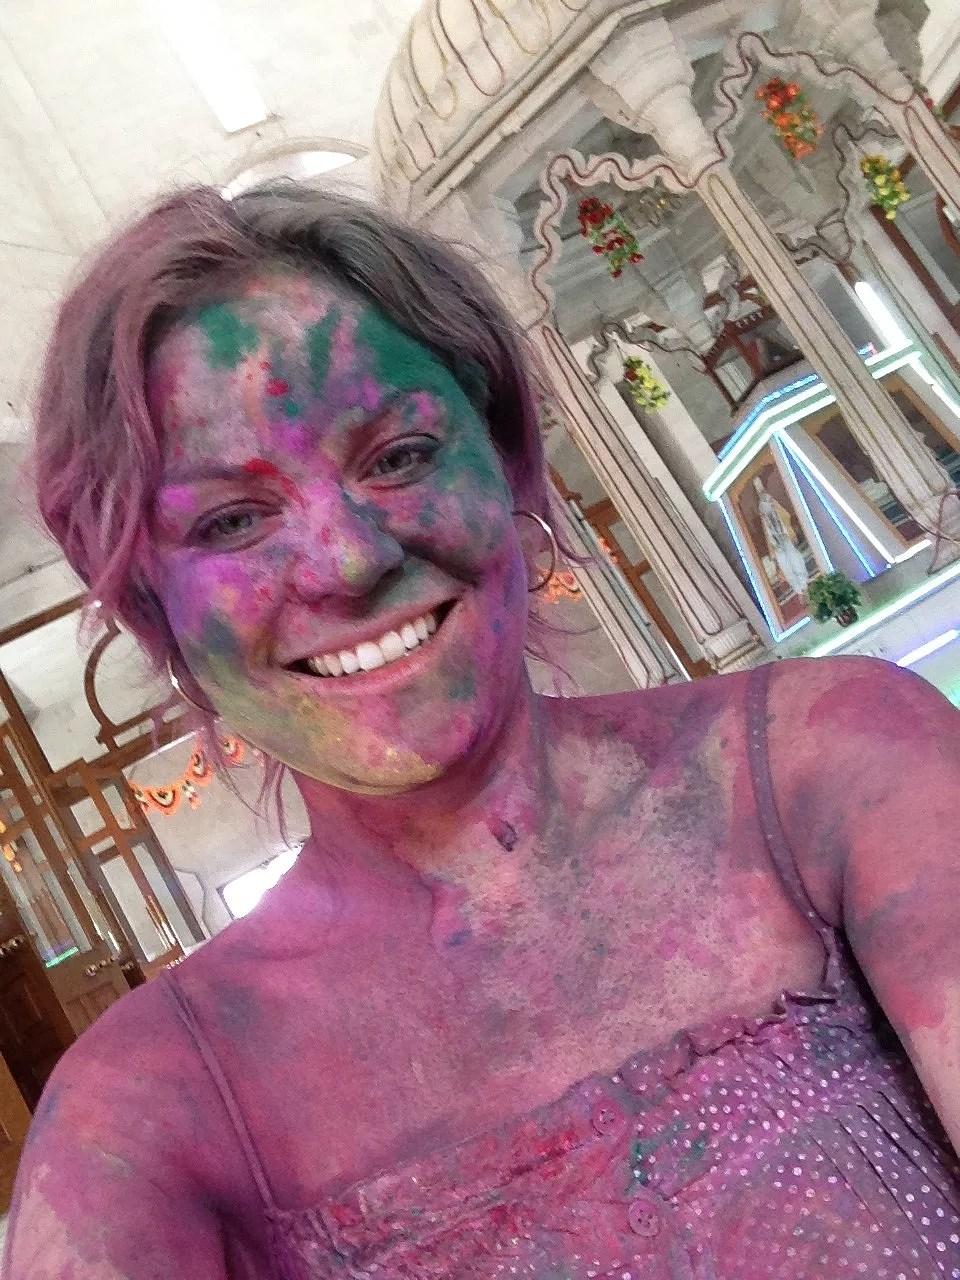 Sådan så jeg ud efter Holi i 2013....det kostede mange lokker som endte i en ubestemmelig pink/grøn/gul hårfarve.